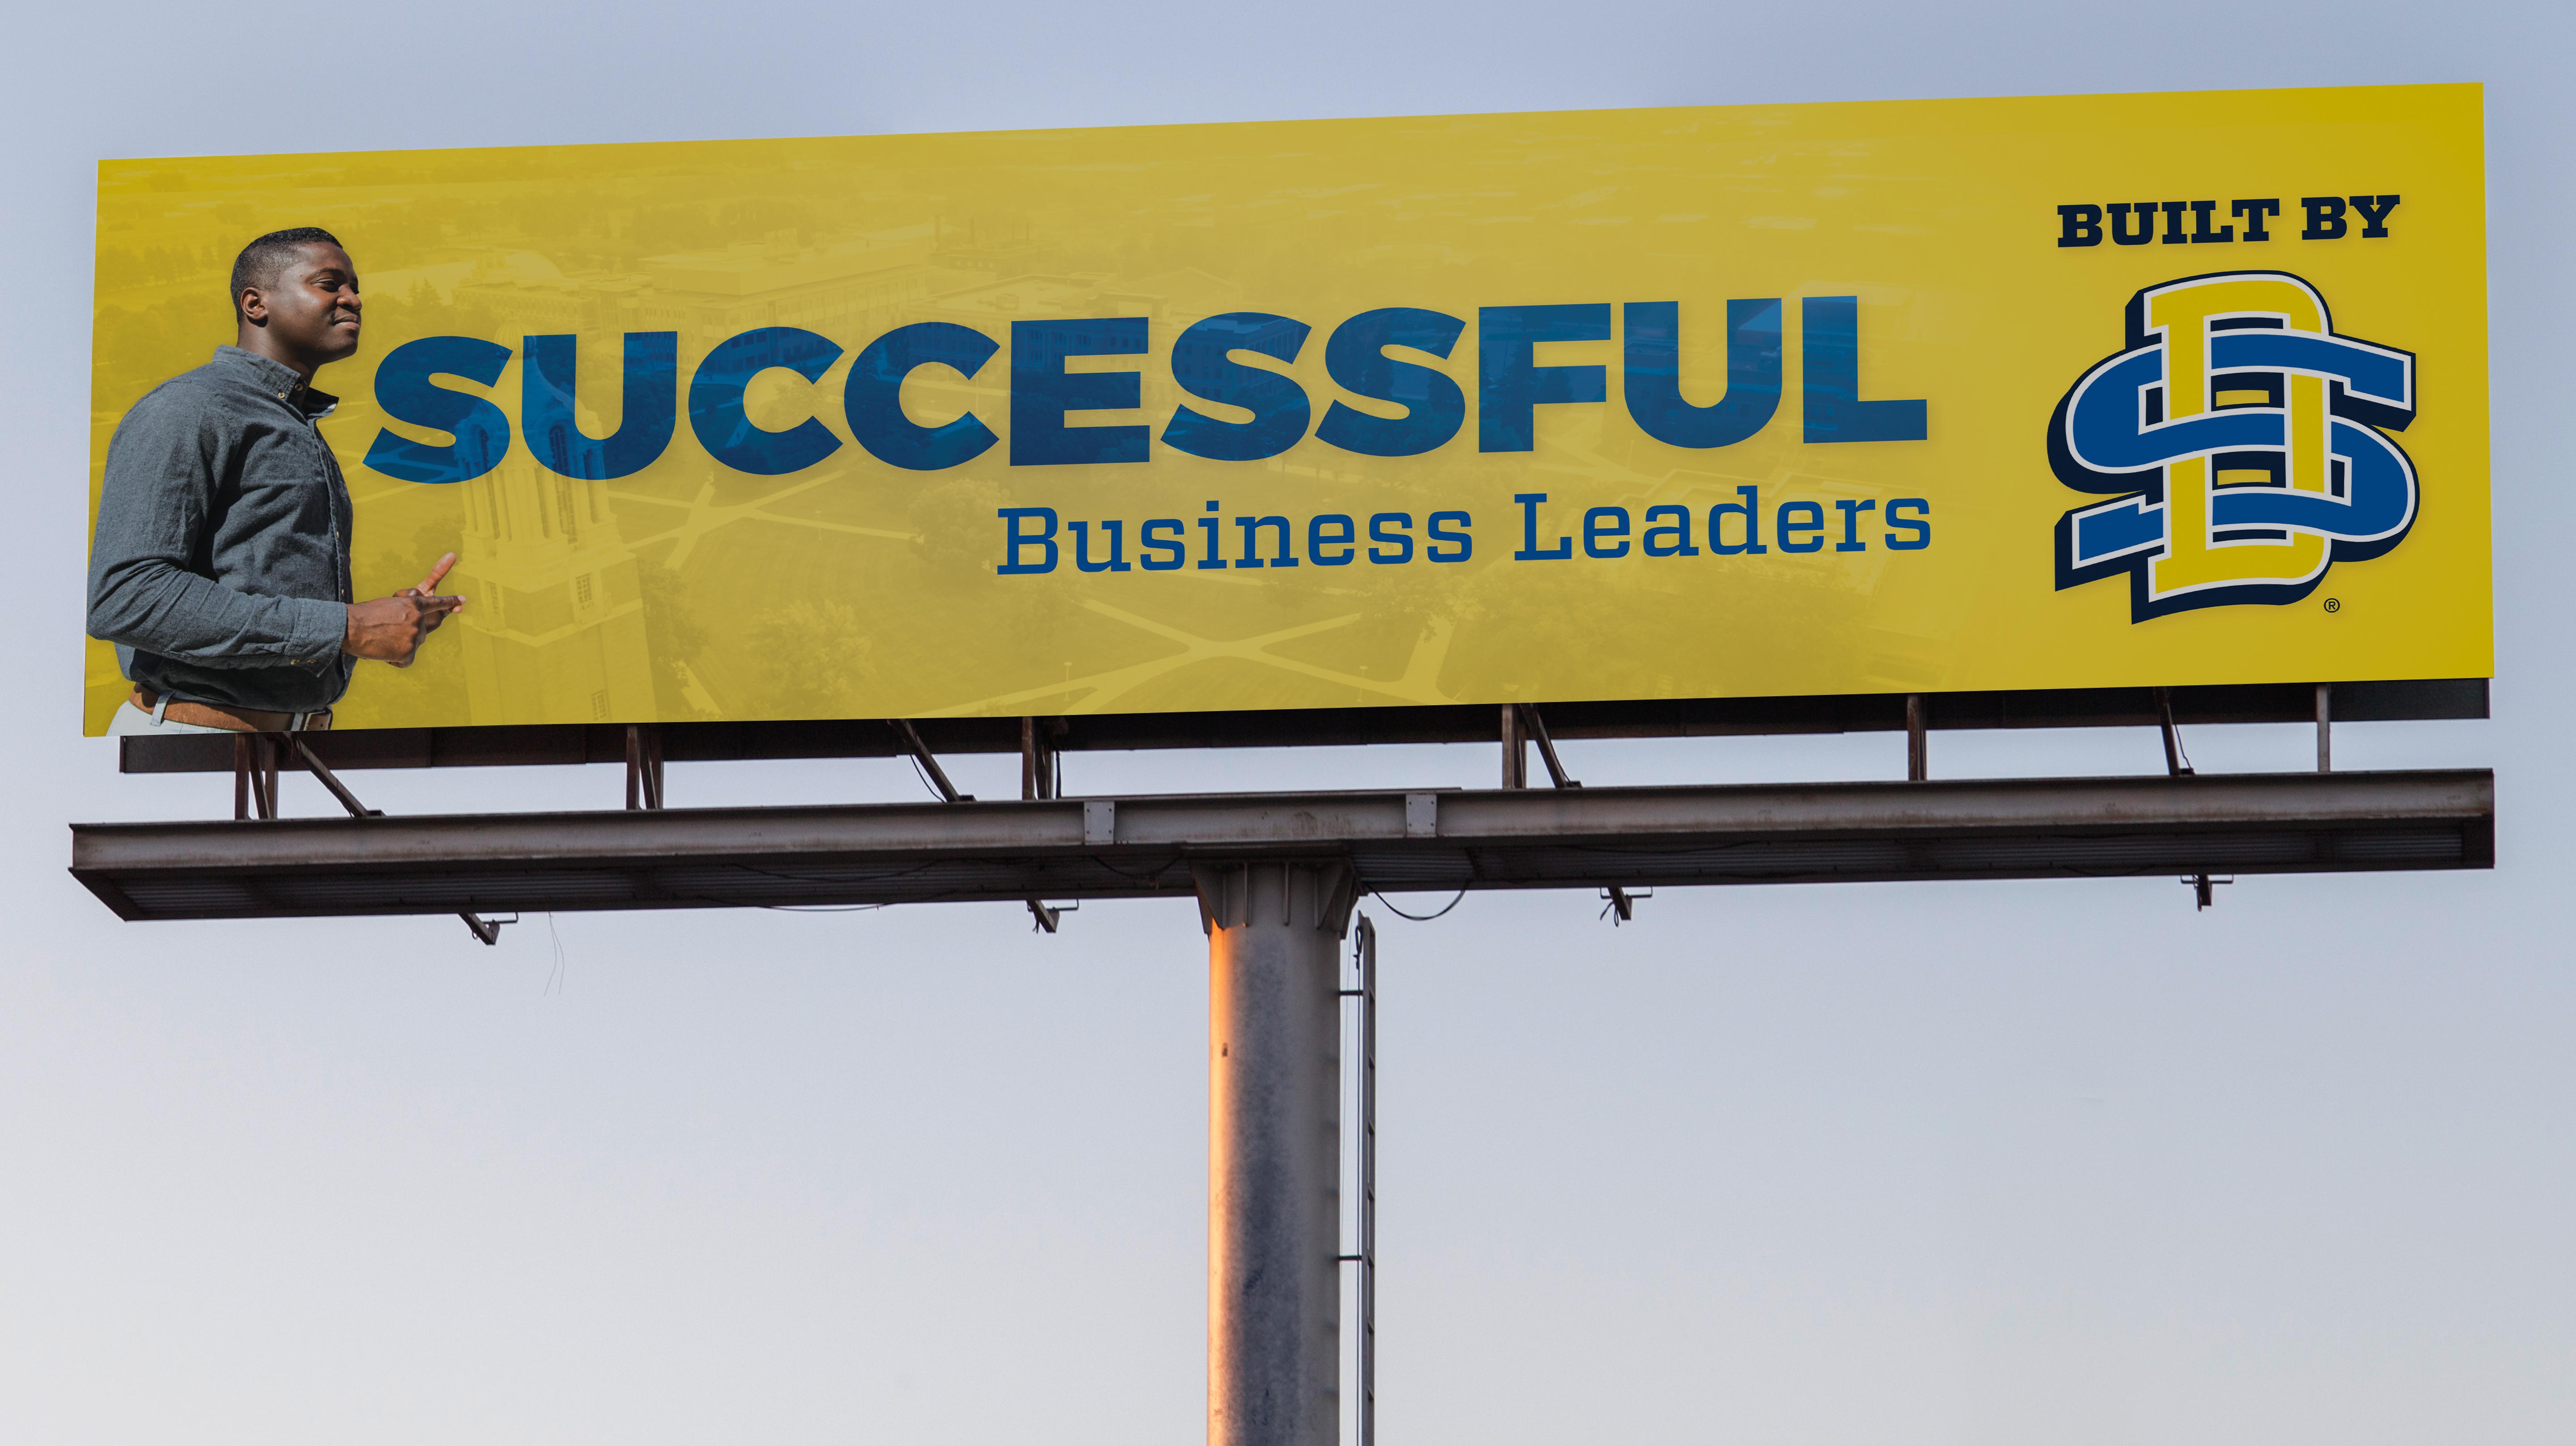 19_SDSU_UMC_Billboards_BuiltBySDSTATE_Successful_10x40